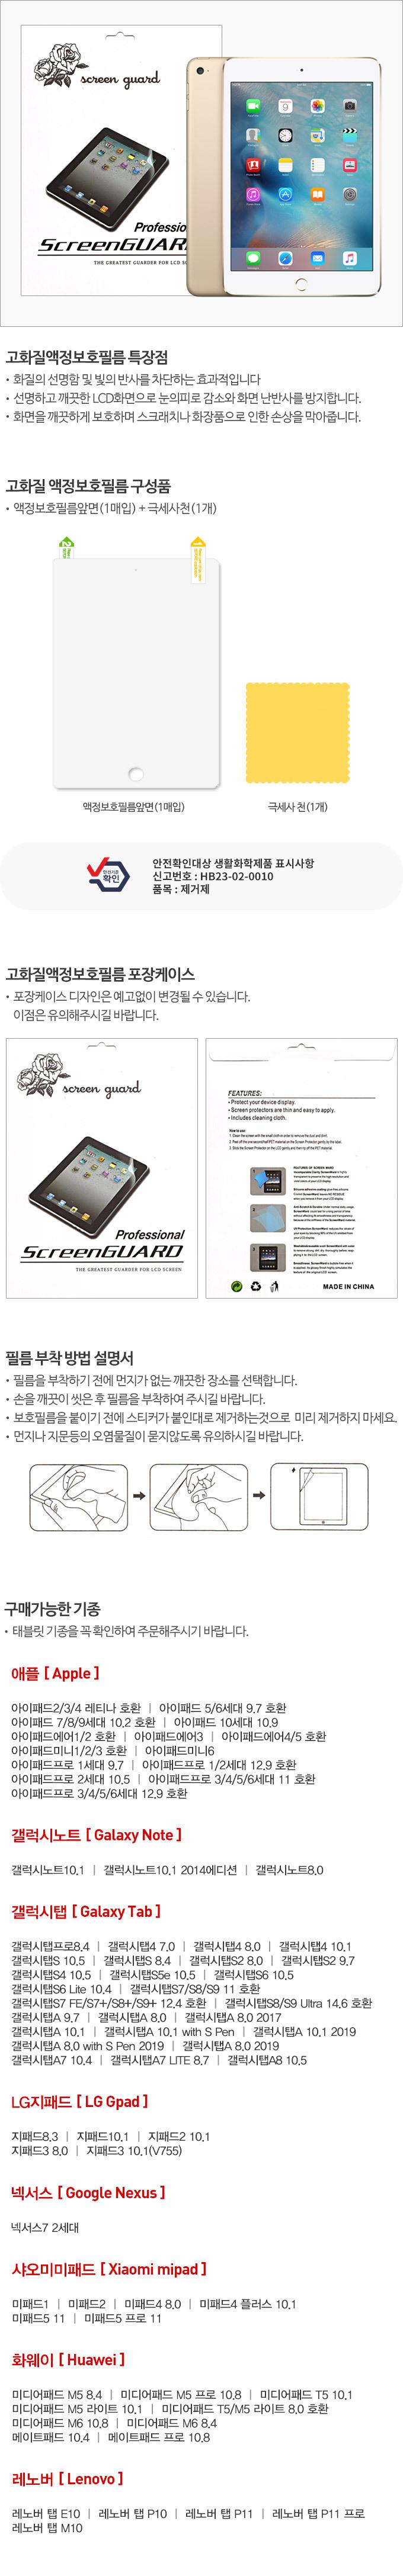 아이패드미니5 고화질액정필름 - 태블리스, 7,900원, 필름/스킨, 아이패드/미니